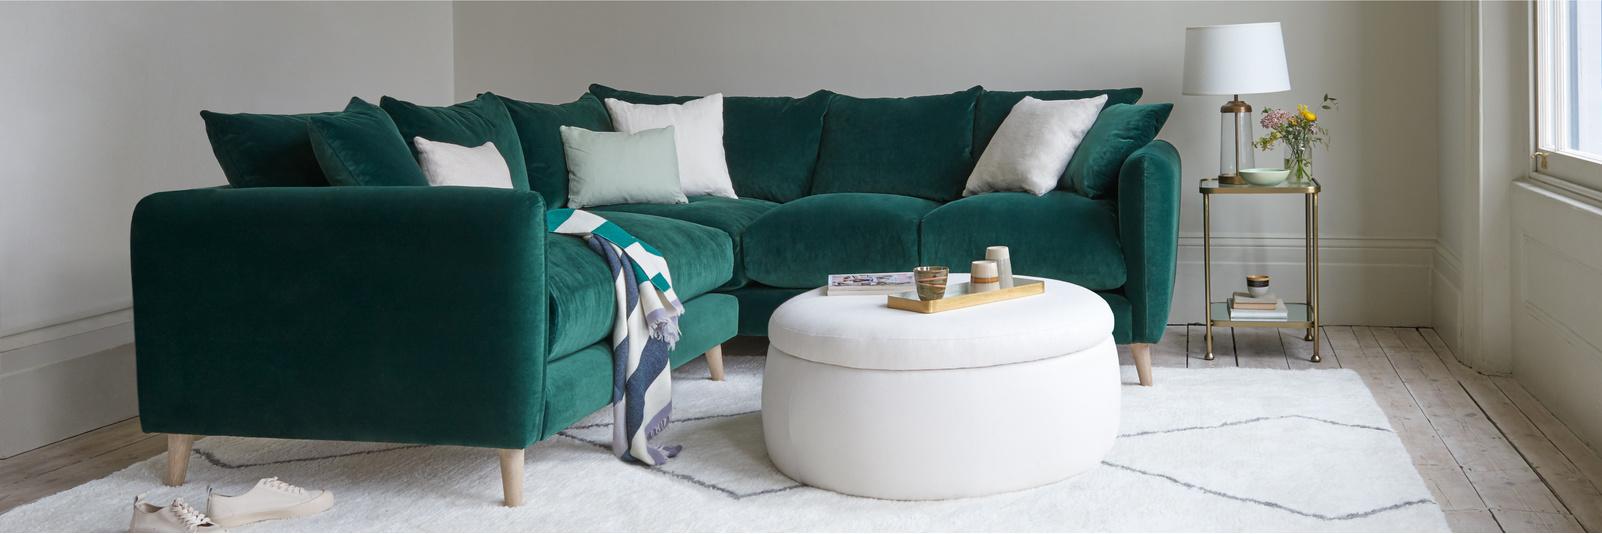 Squishmeister corner sofa